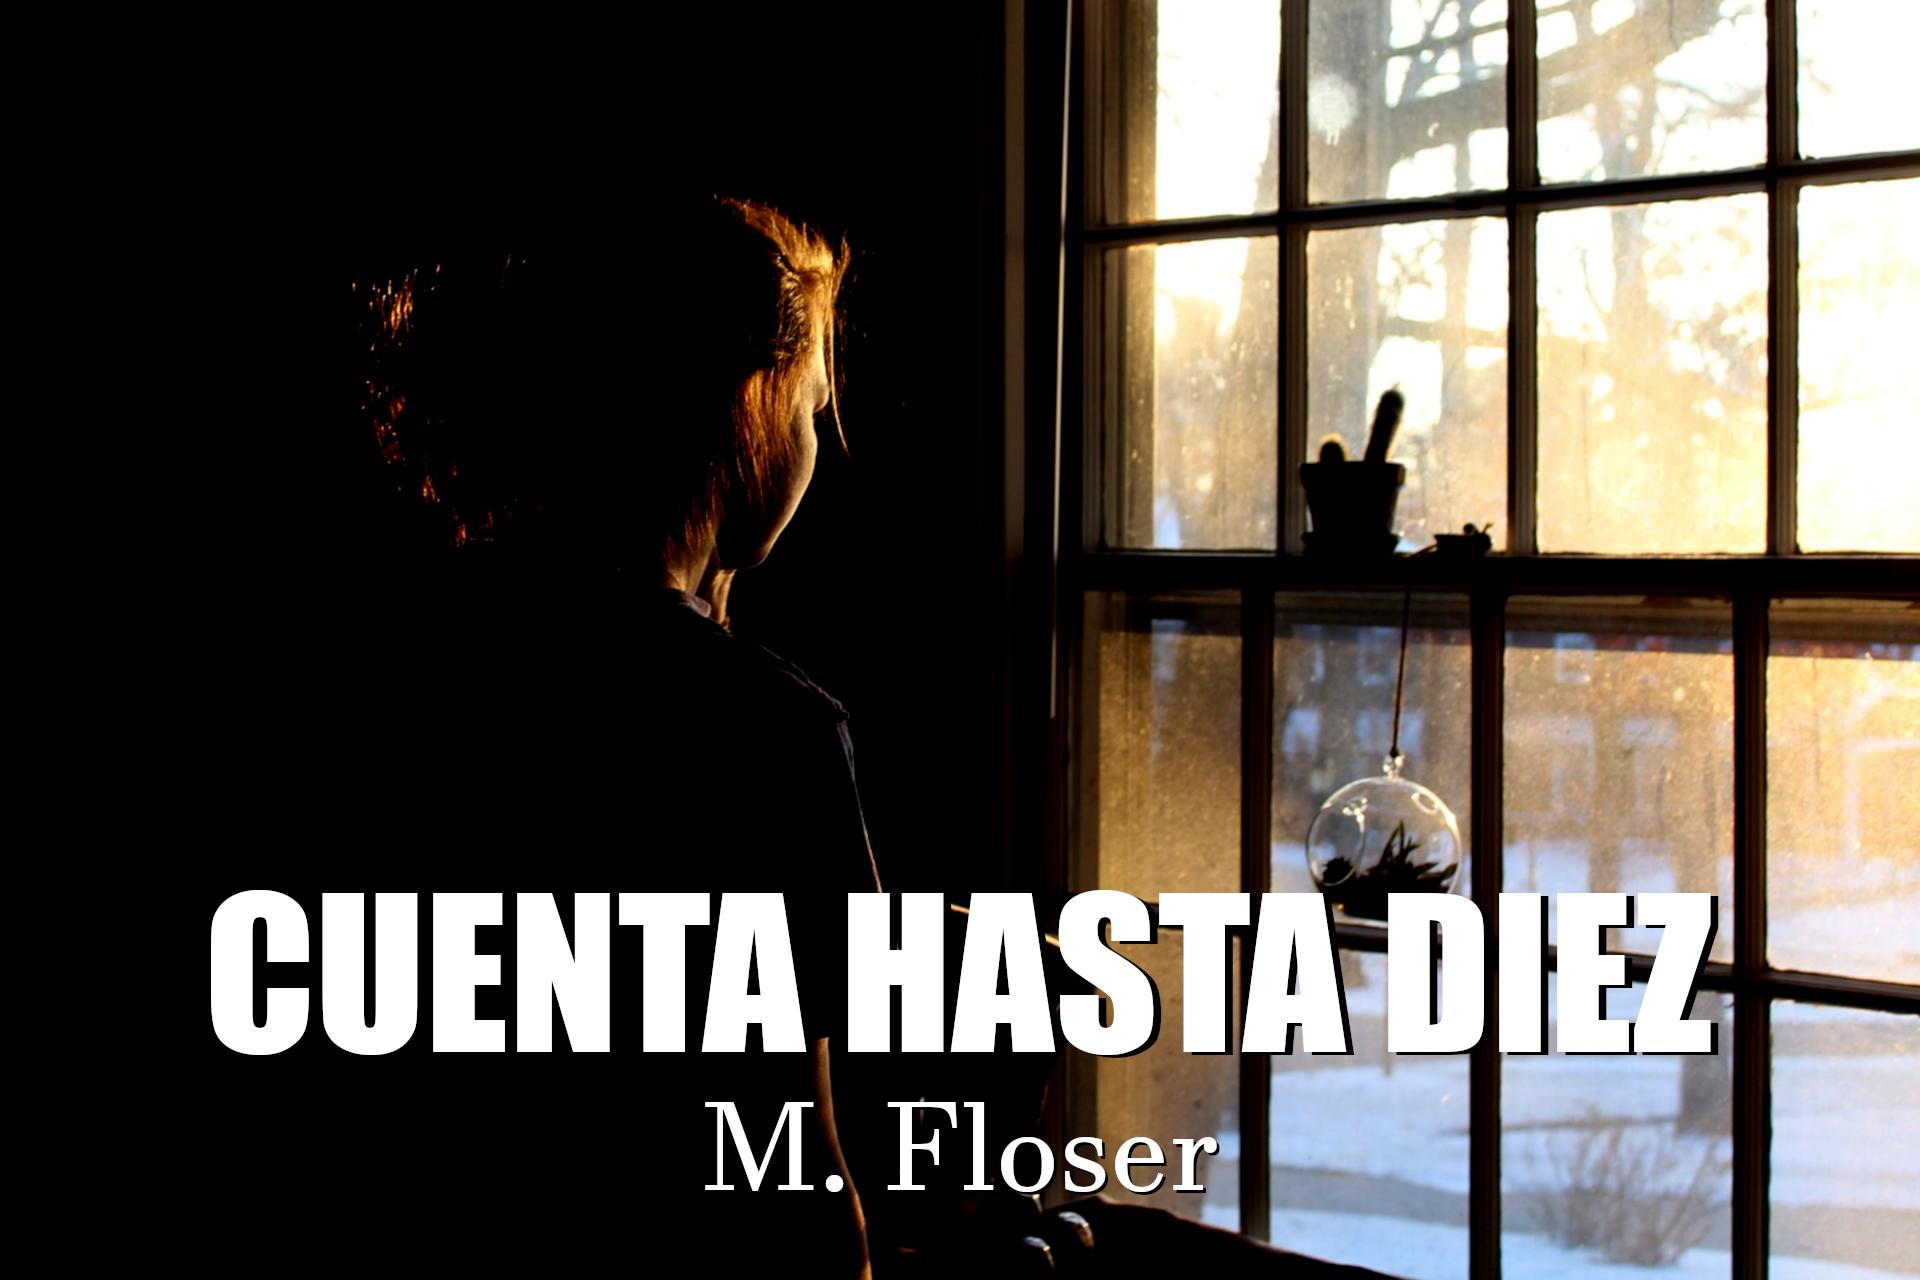 En la imagen vemos a una mujer en una sala oscura, iluminada por la luz del atardecer que entra por un ventanal por el que mira al exterior.